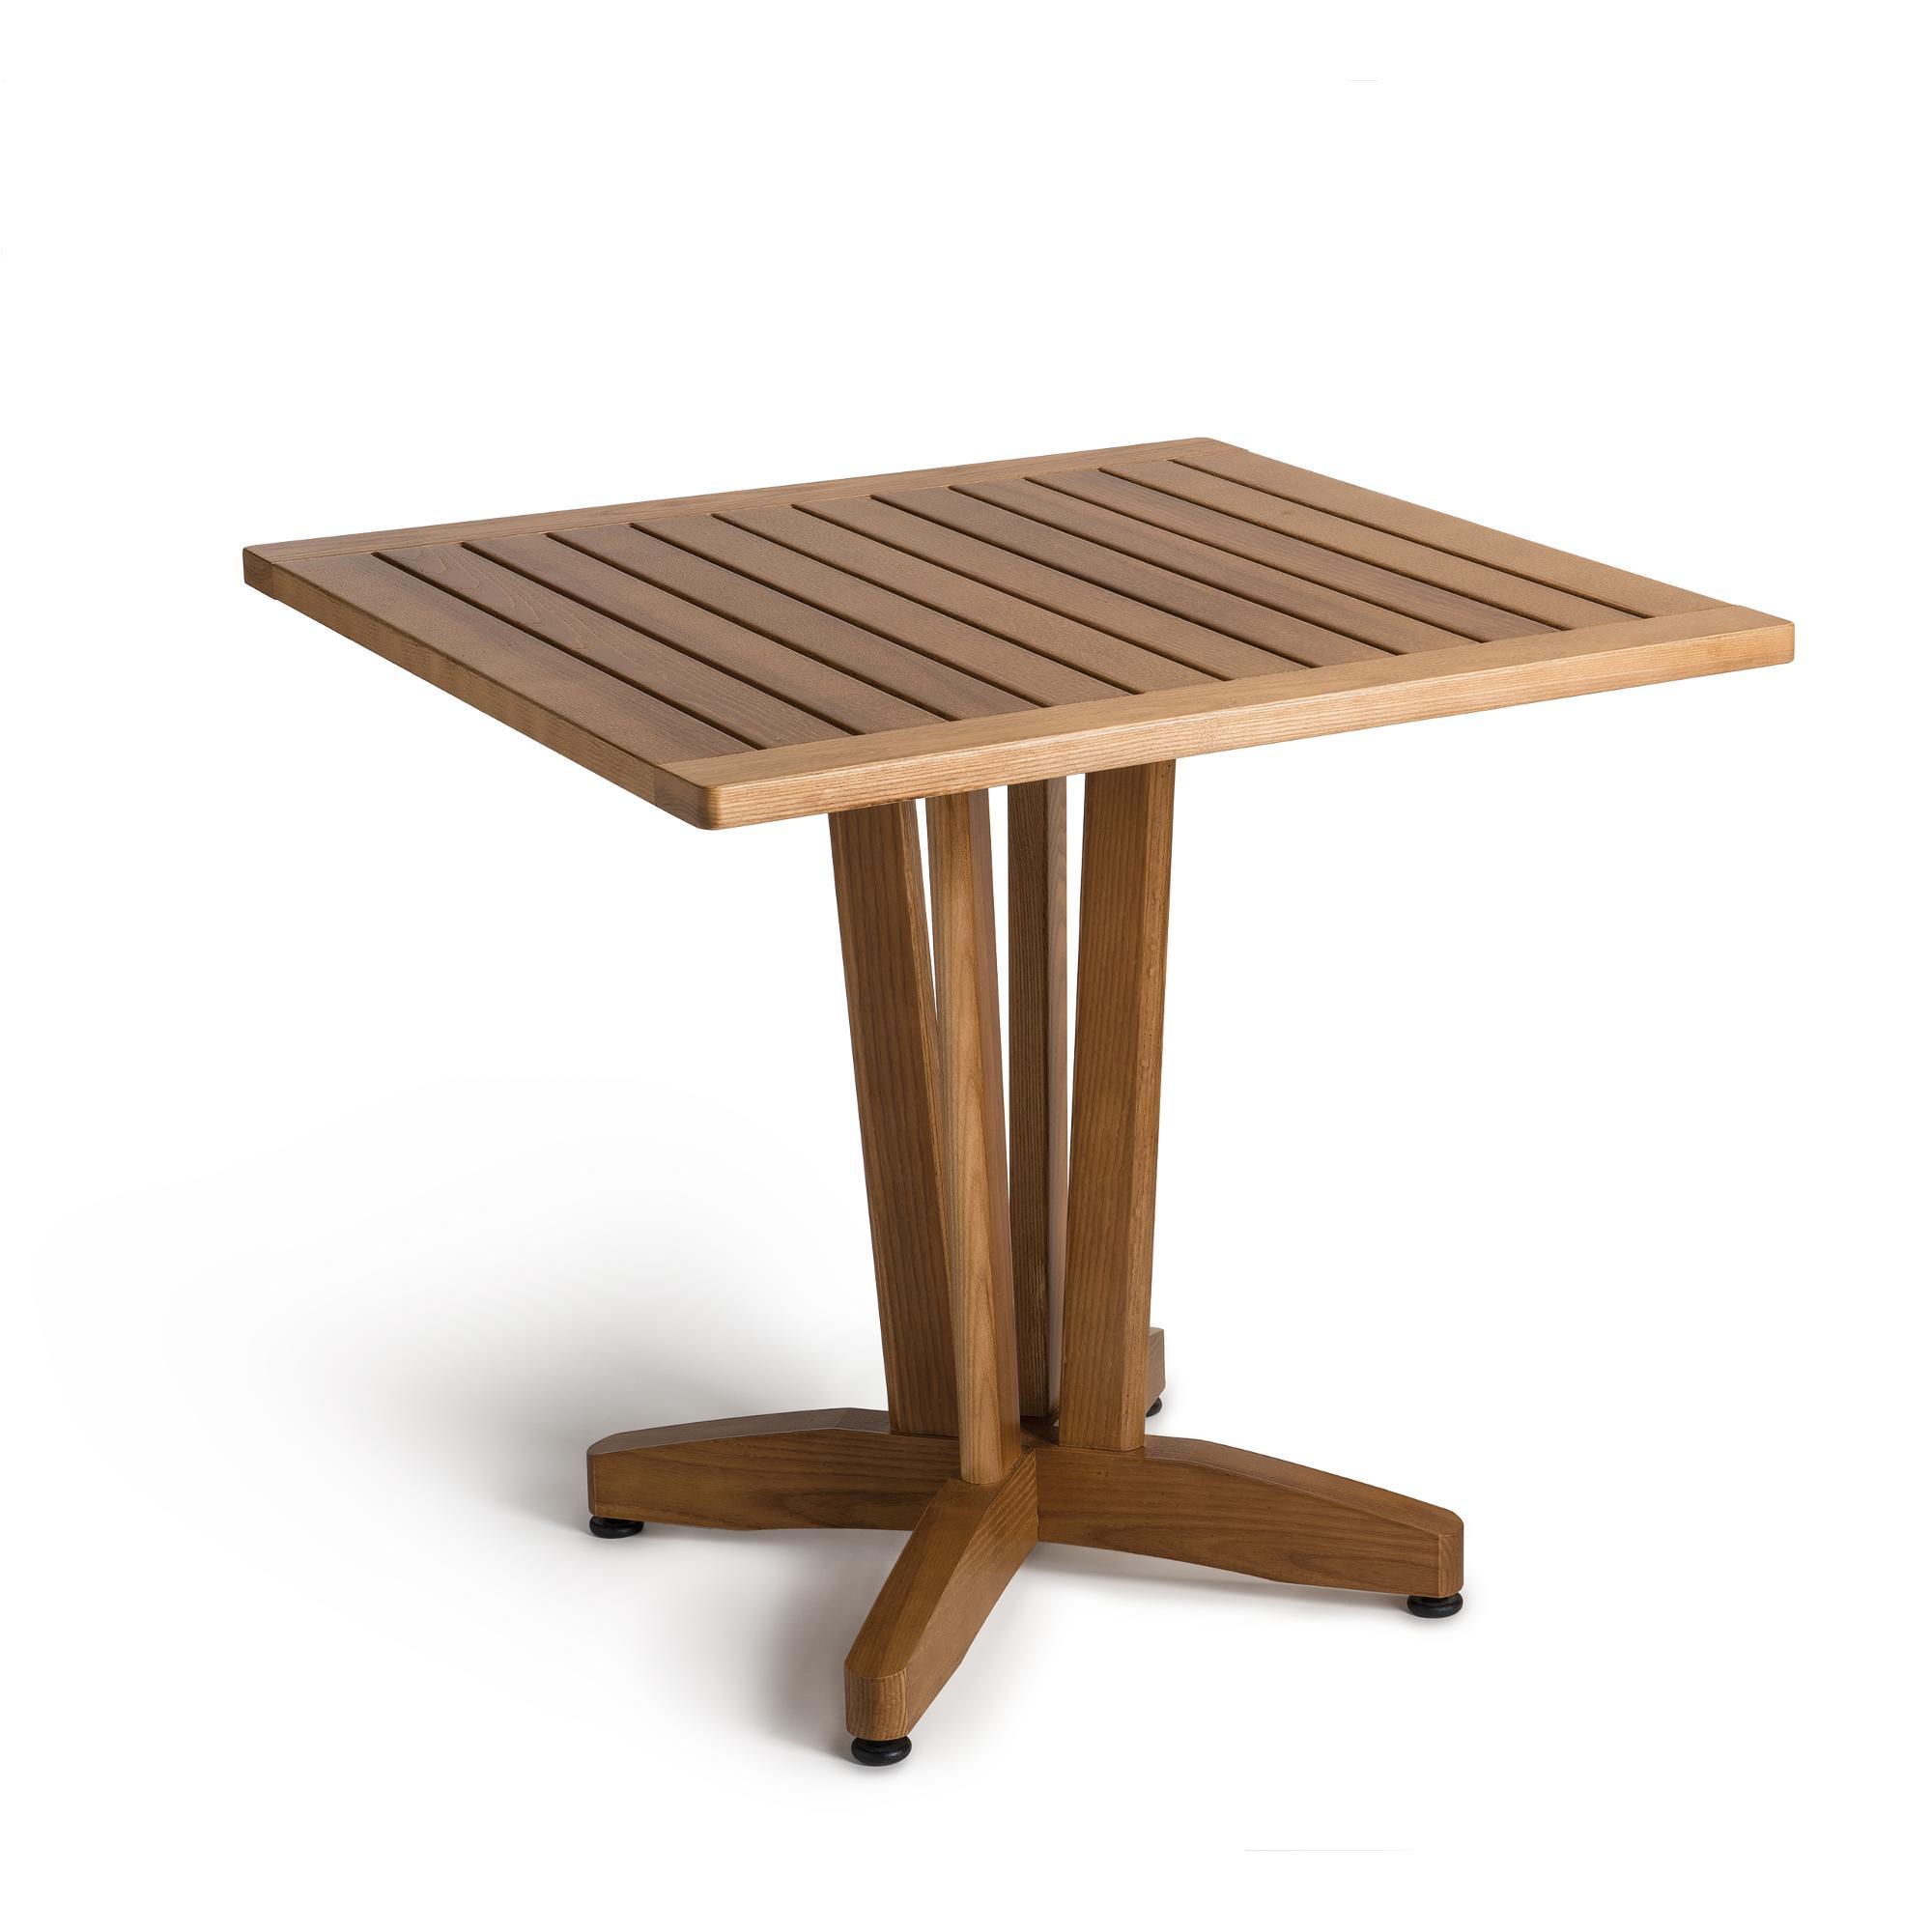 Tavolo quadrato fisso ercole in legno di frassino 80x80h73 for Tavolo legno frassino